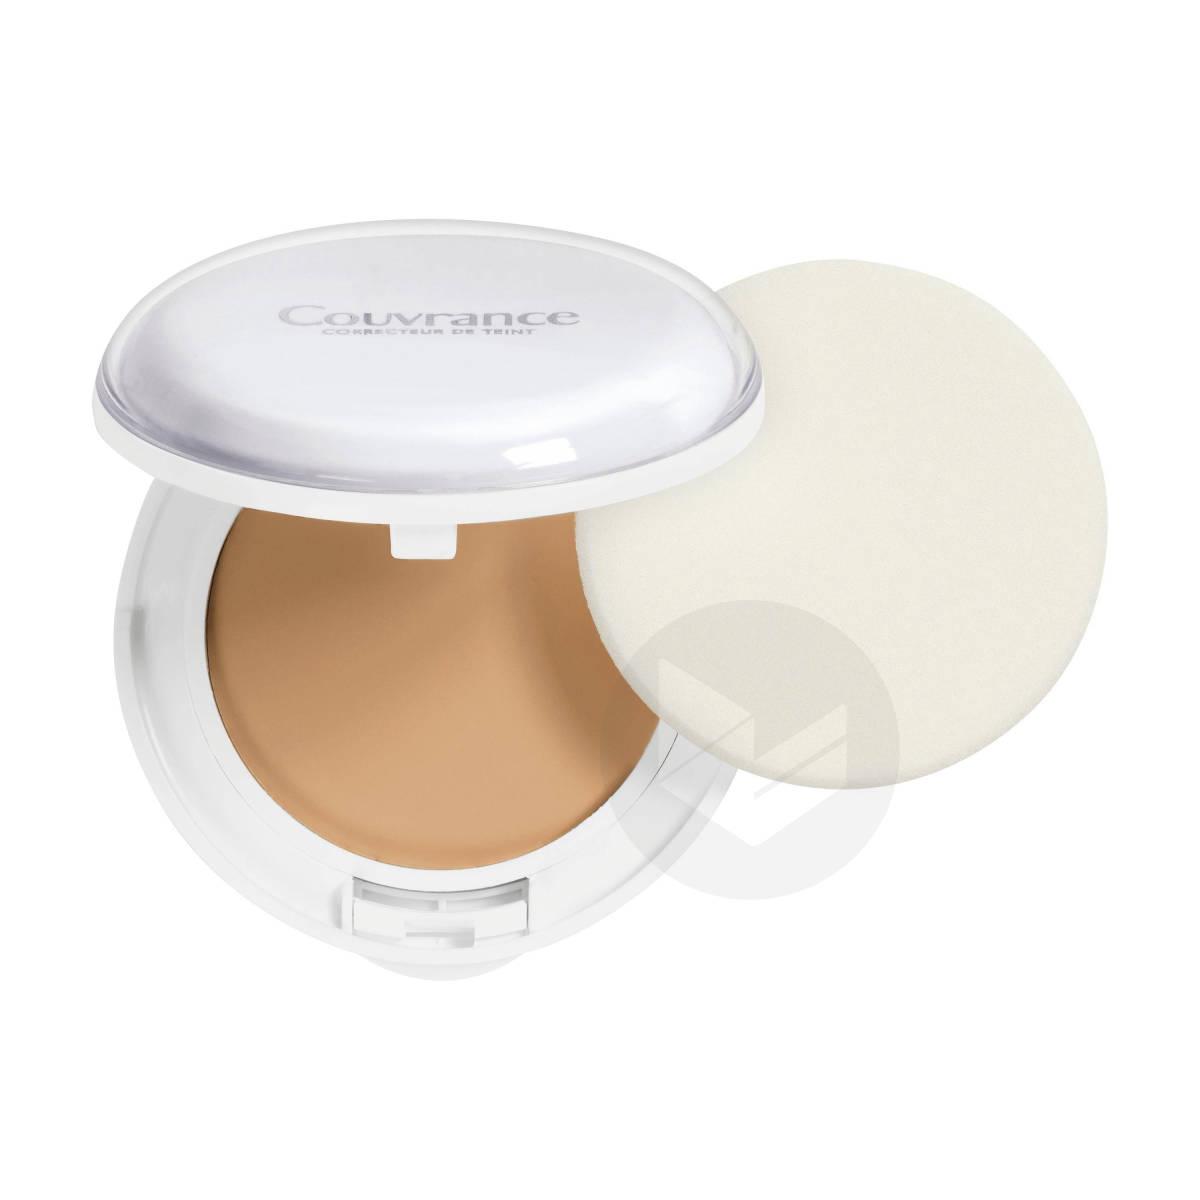 Crème De Teint Compacte Confort Fini Velouté Naturel Naturel N°2.0 - Peaux Claires Et Sensibles 10g